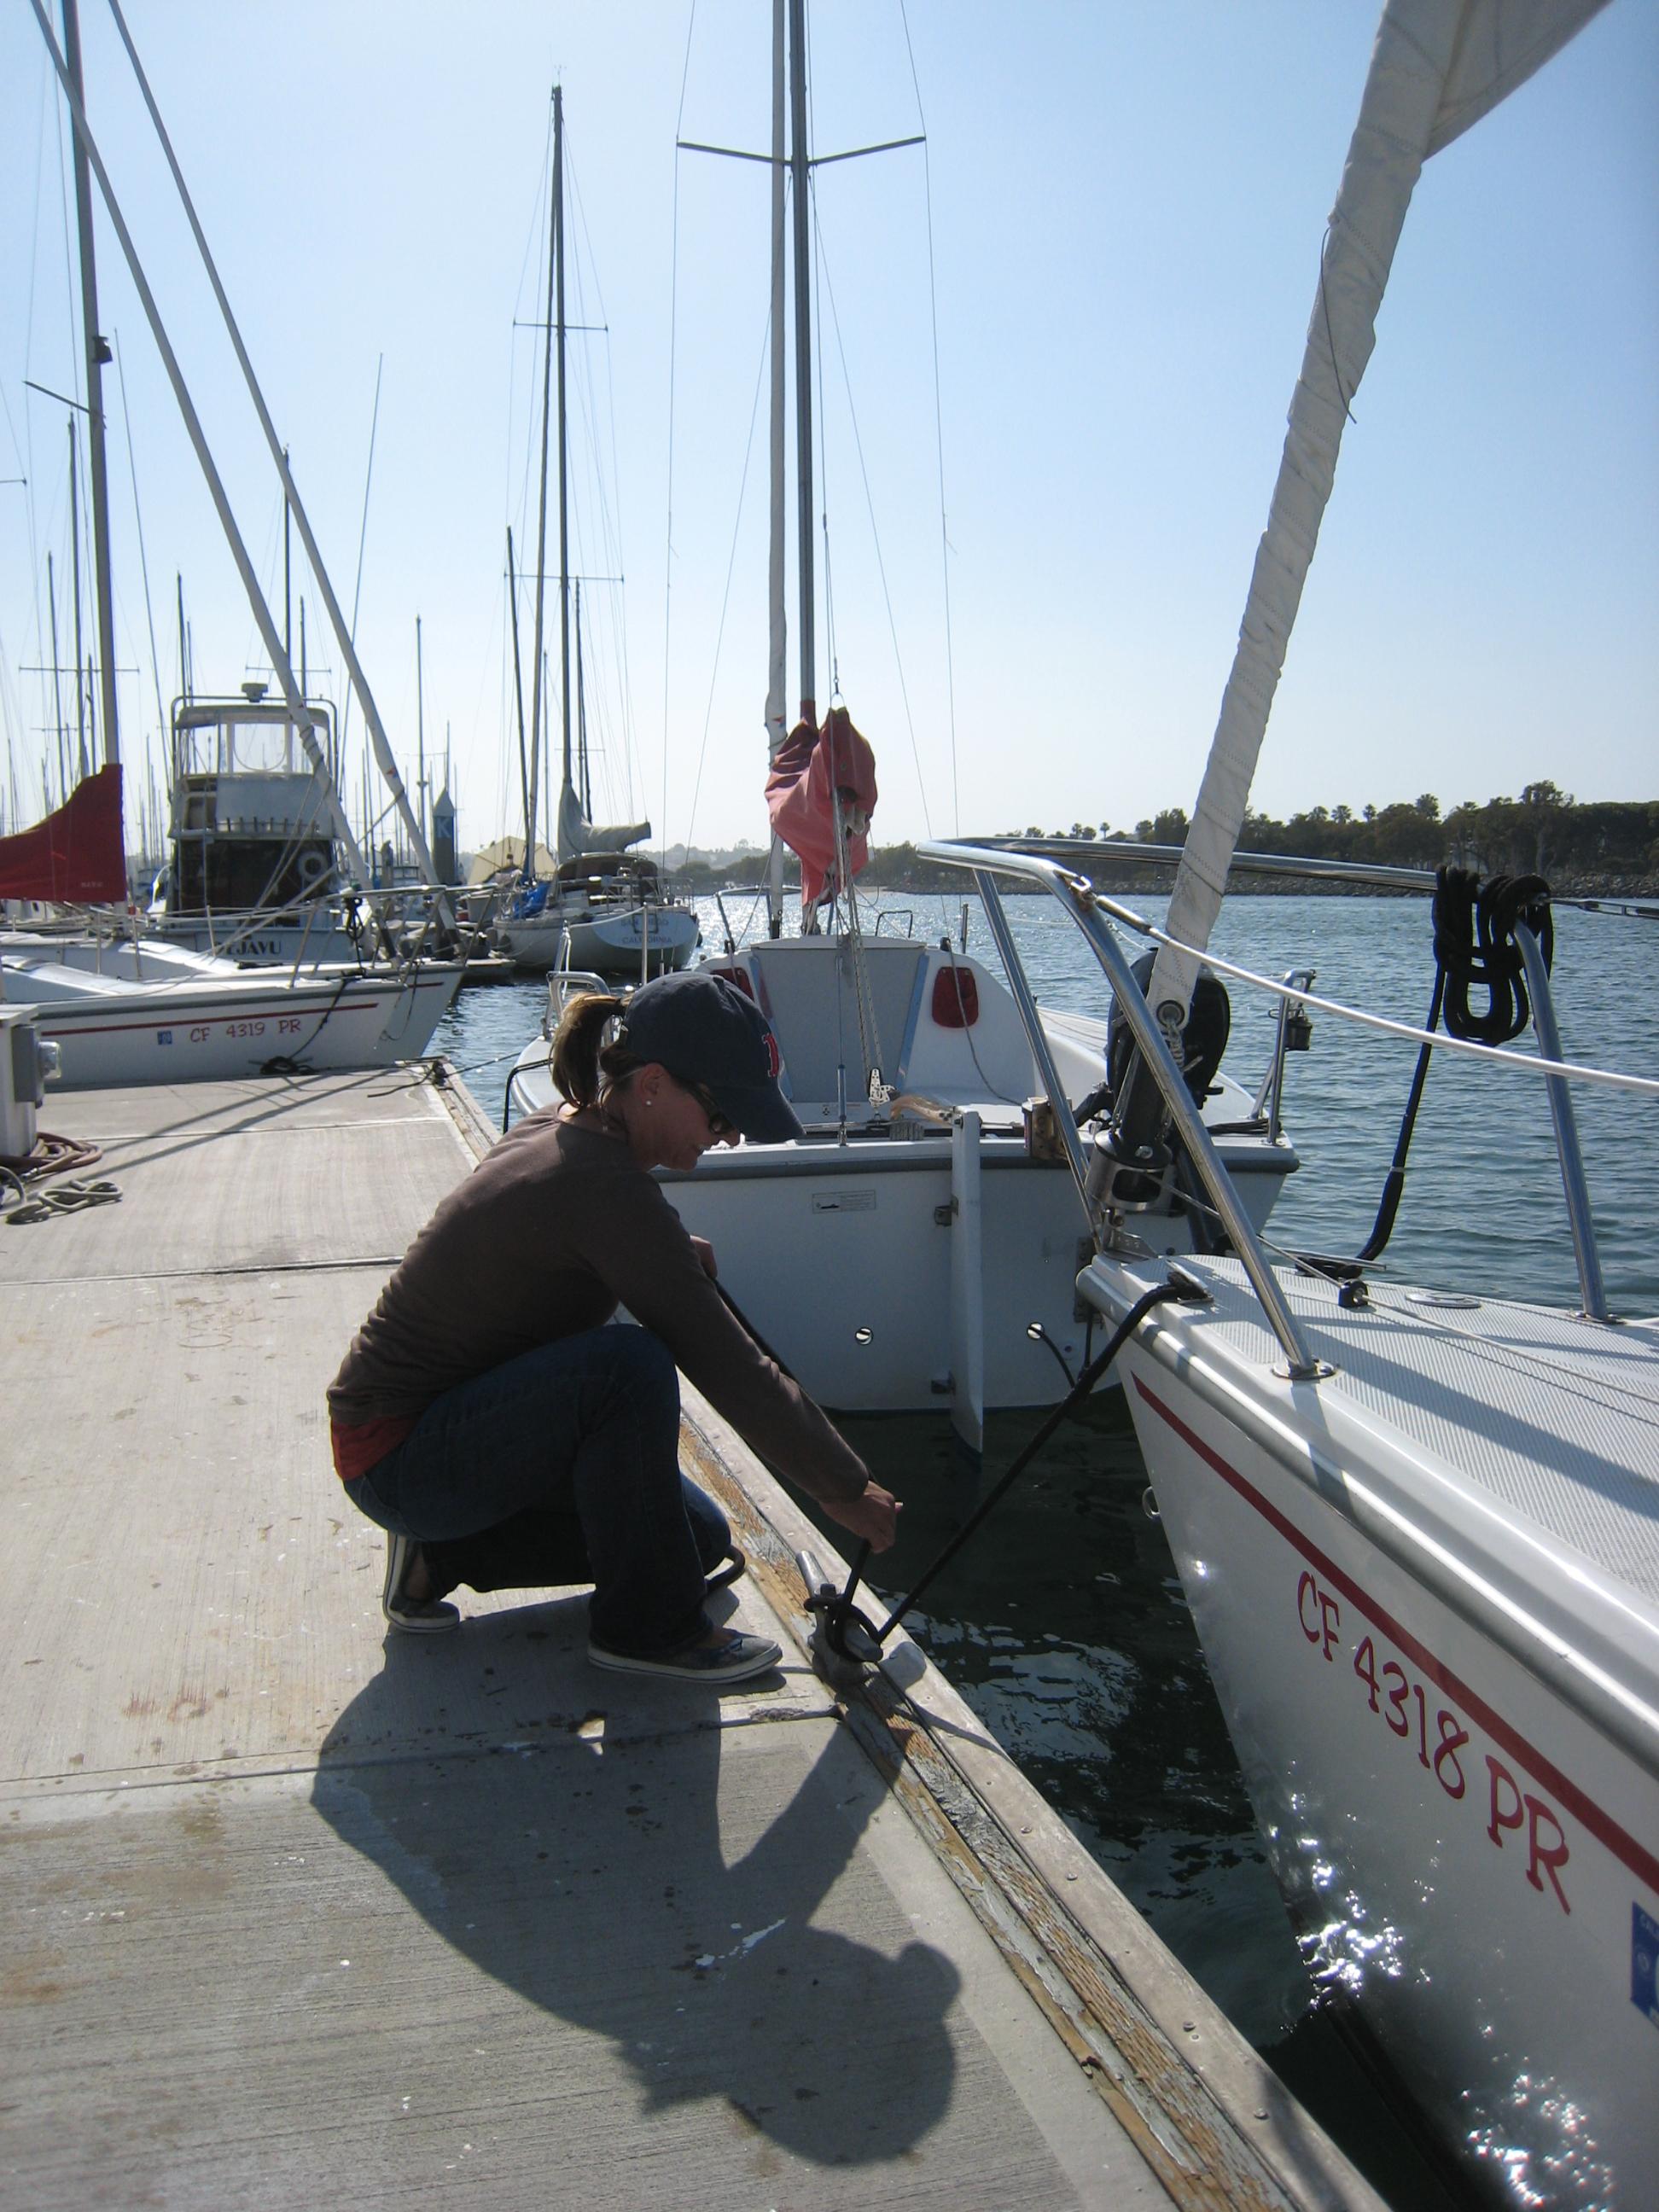 me paking boat